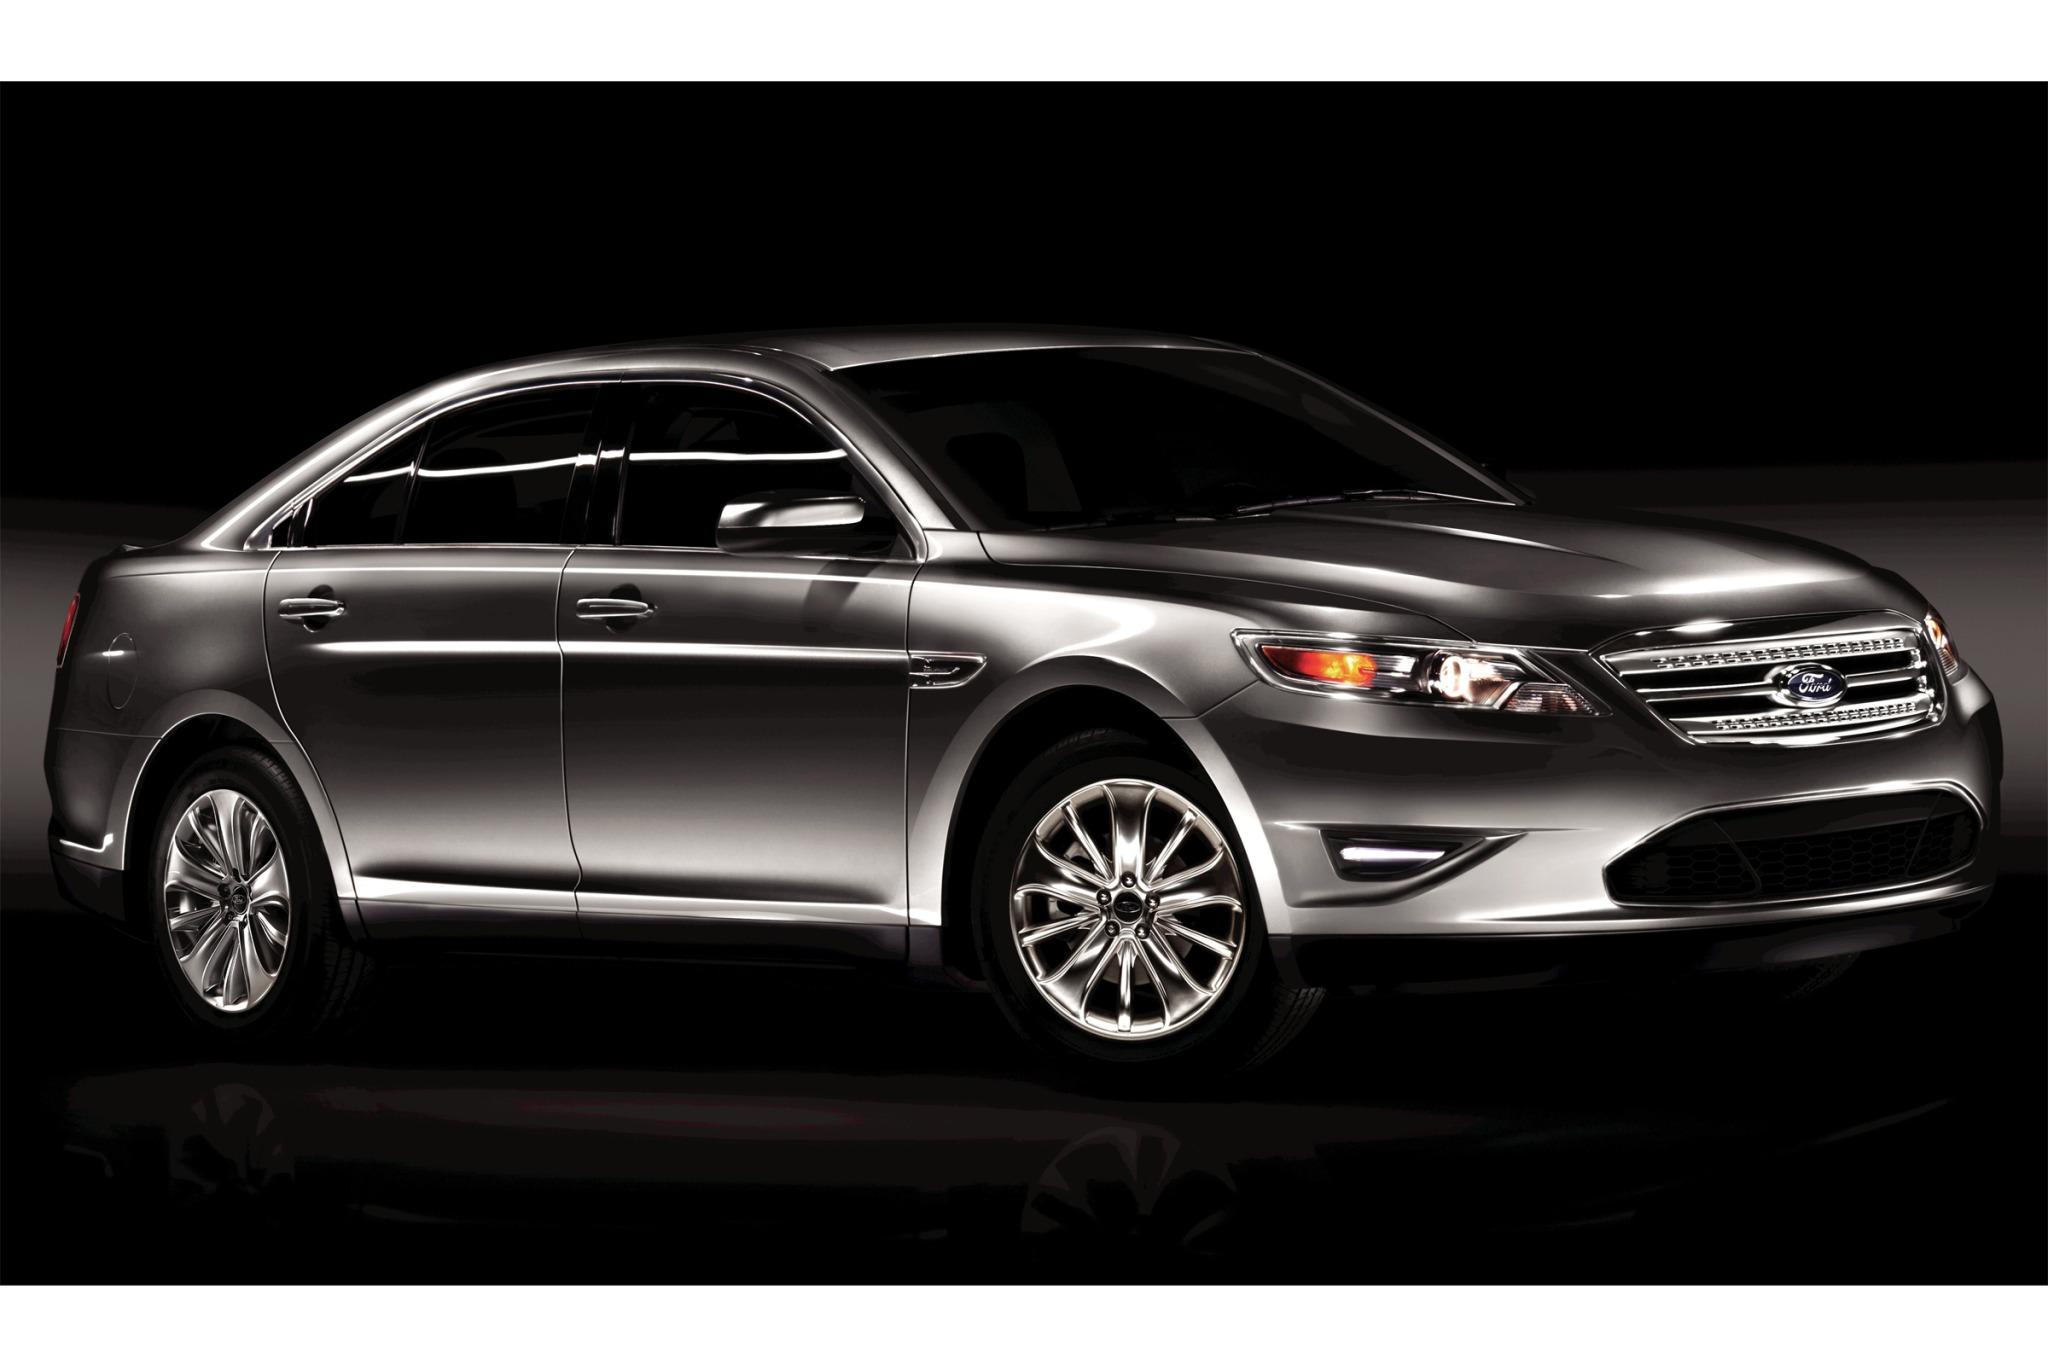 2010 ford taurus sedan limited fq oem 3 2048